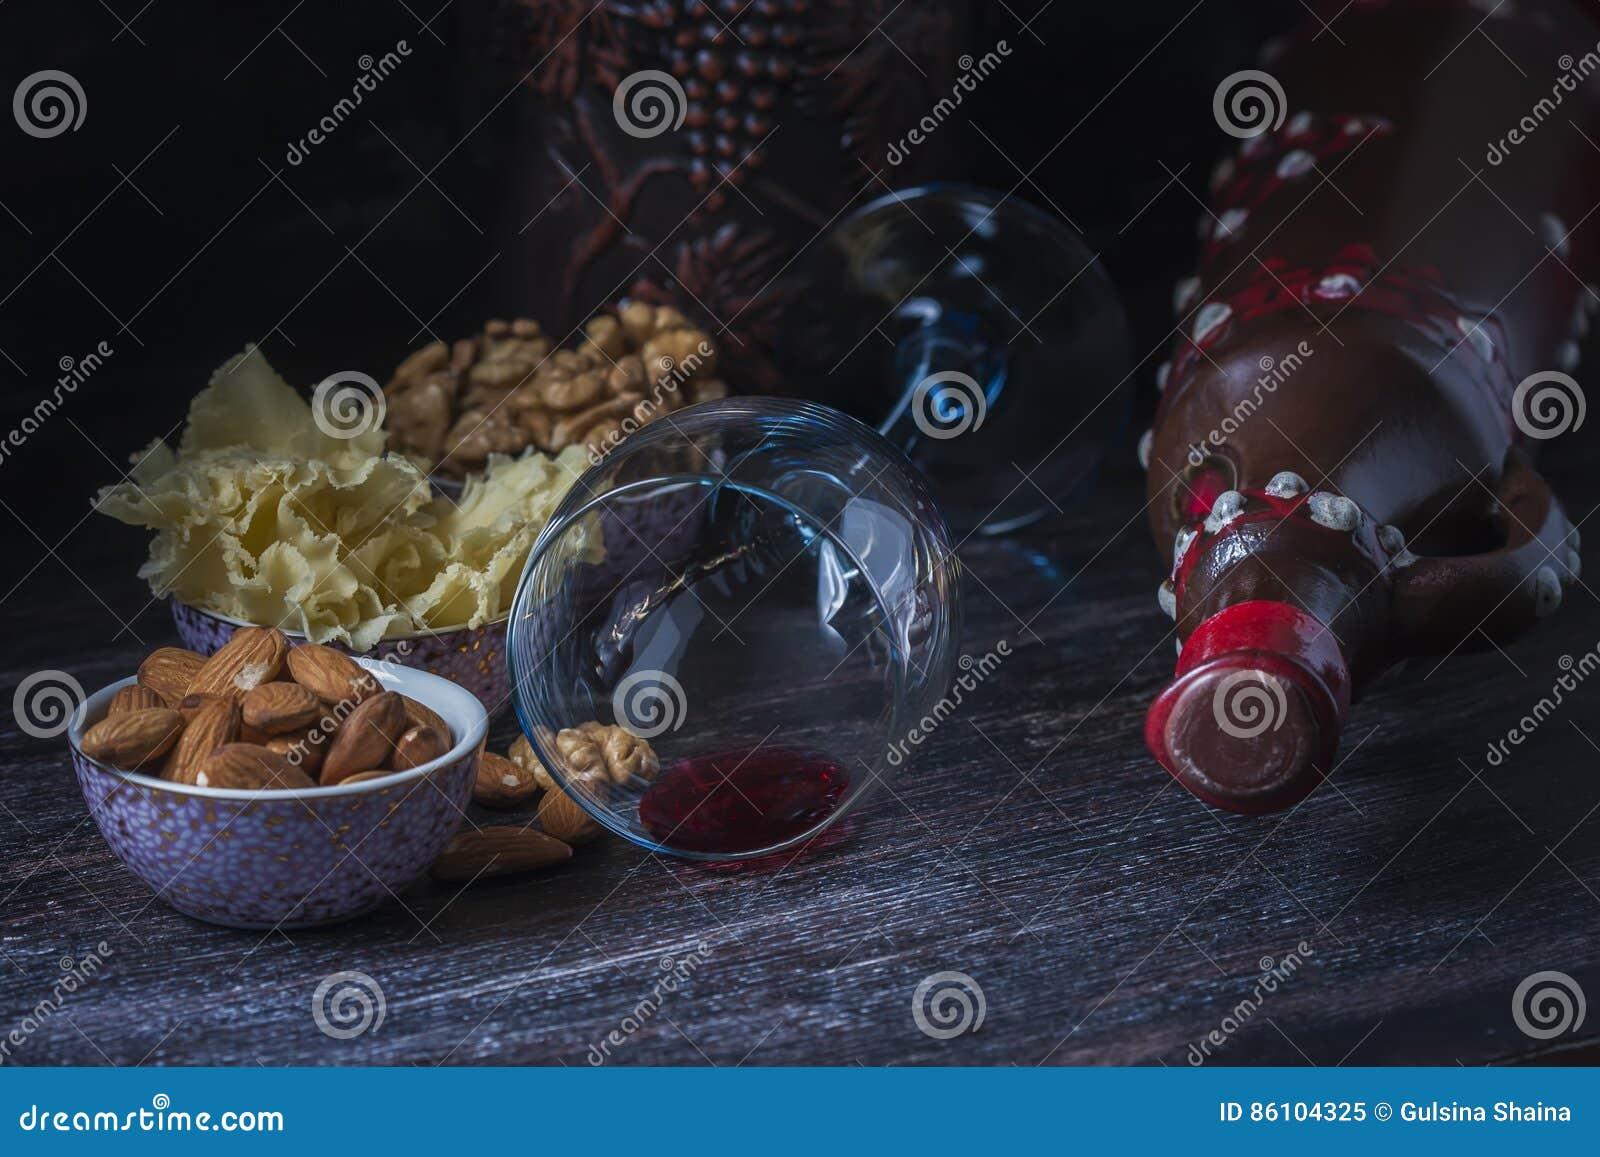 Keramischer Krug für Wein, Käse, Nüsse auf einem hölzernen Brett, Hintergrund